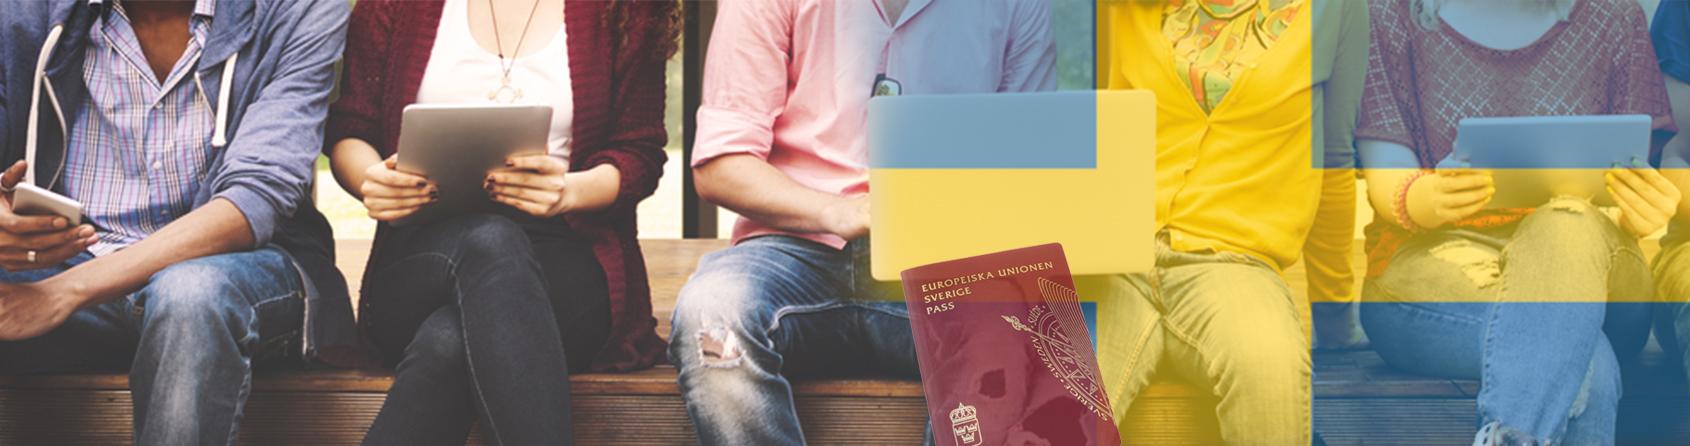 İsveç turist vizesi